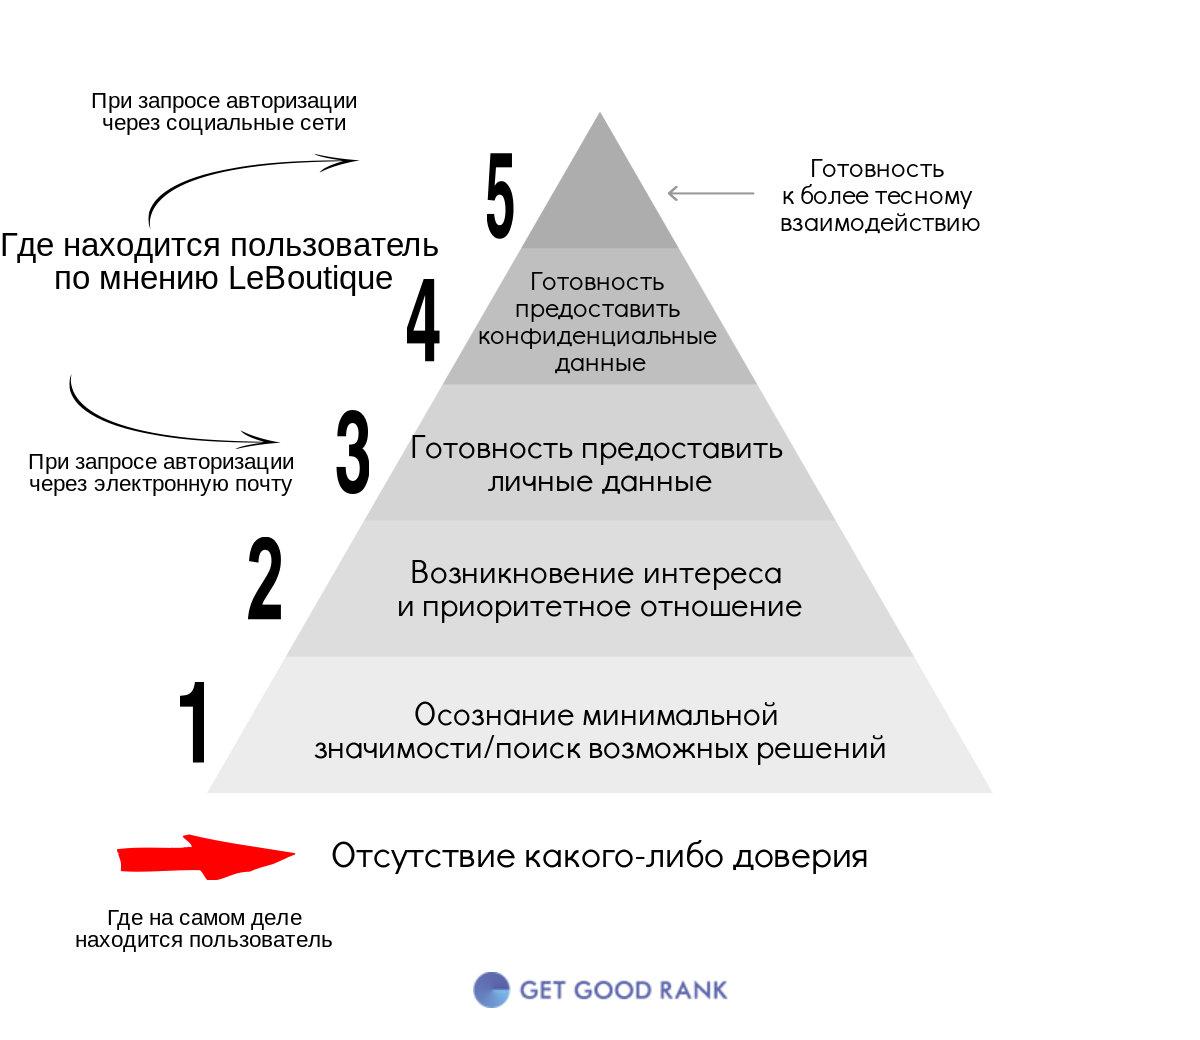 Ошибка определения довеиия пользователя в пирамиде